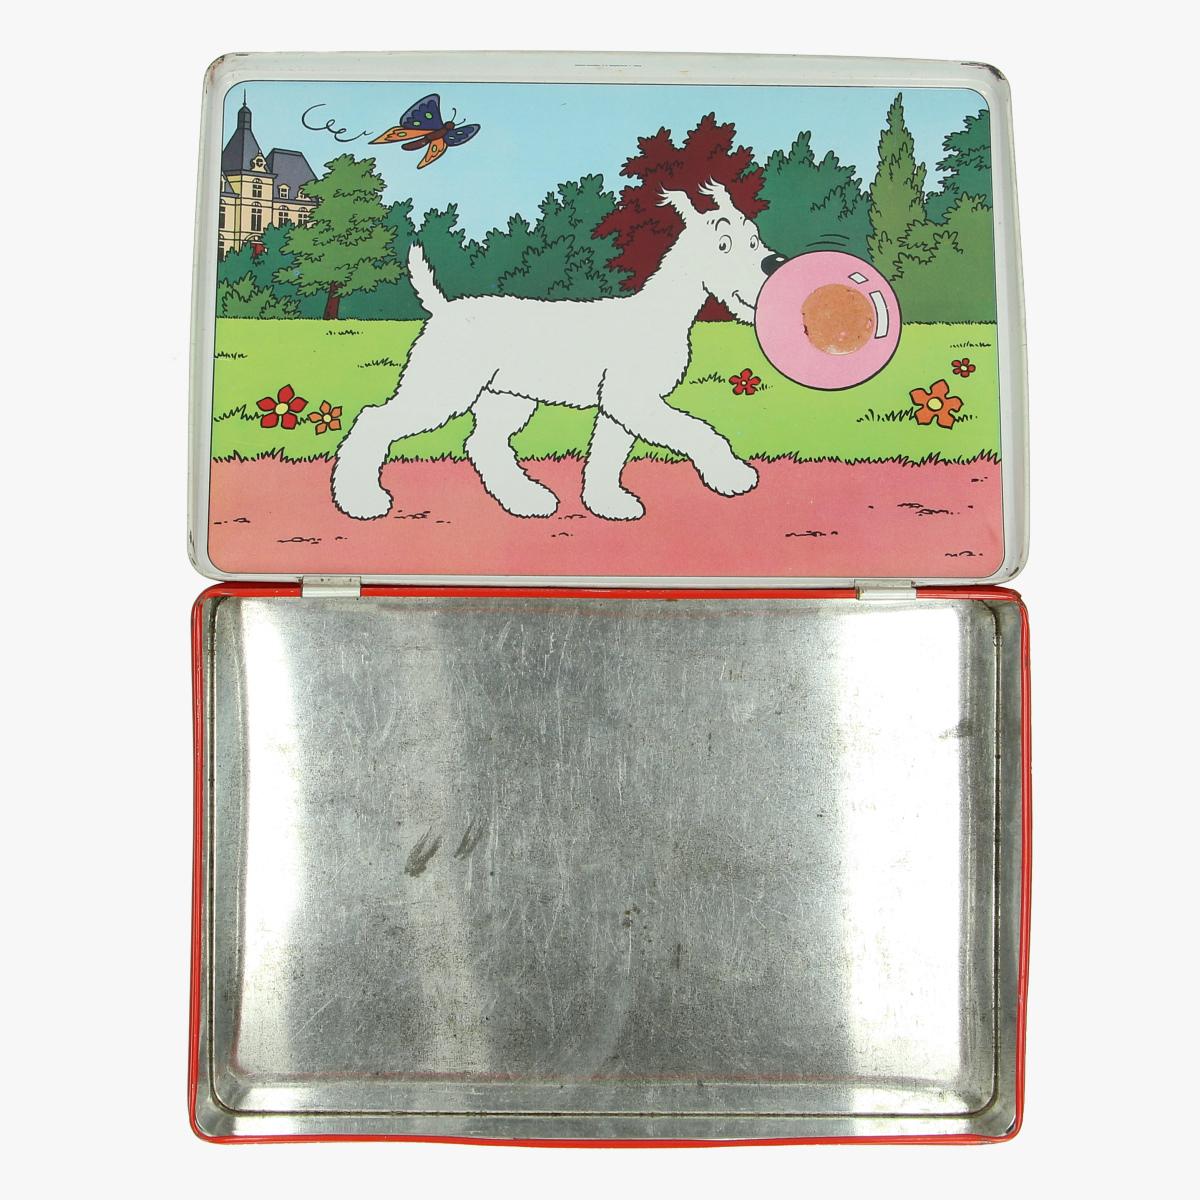 Afbeeldingen van blikken doos kuifje milou.bubble gum.bobbie